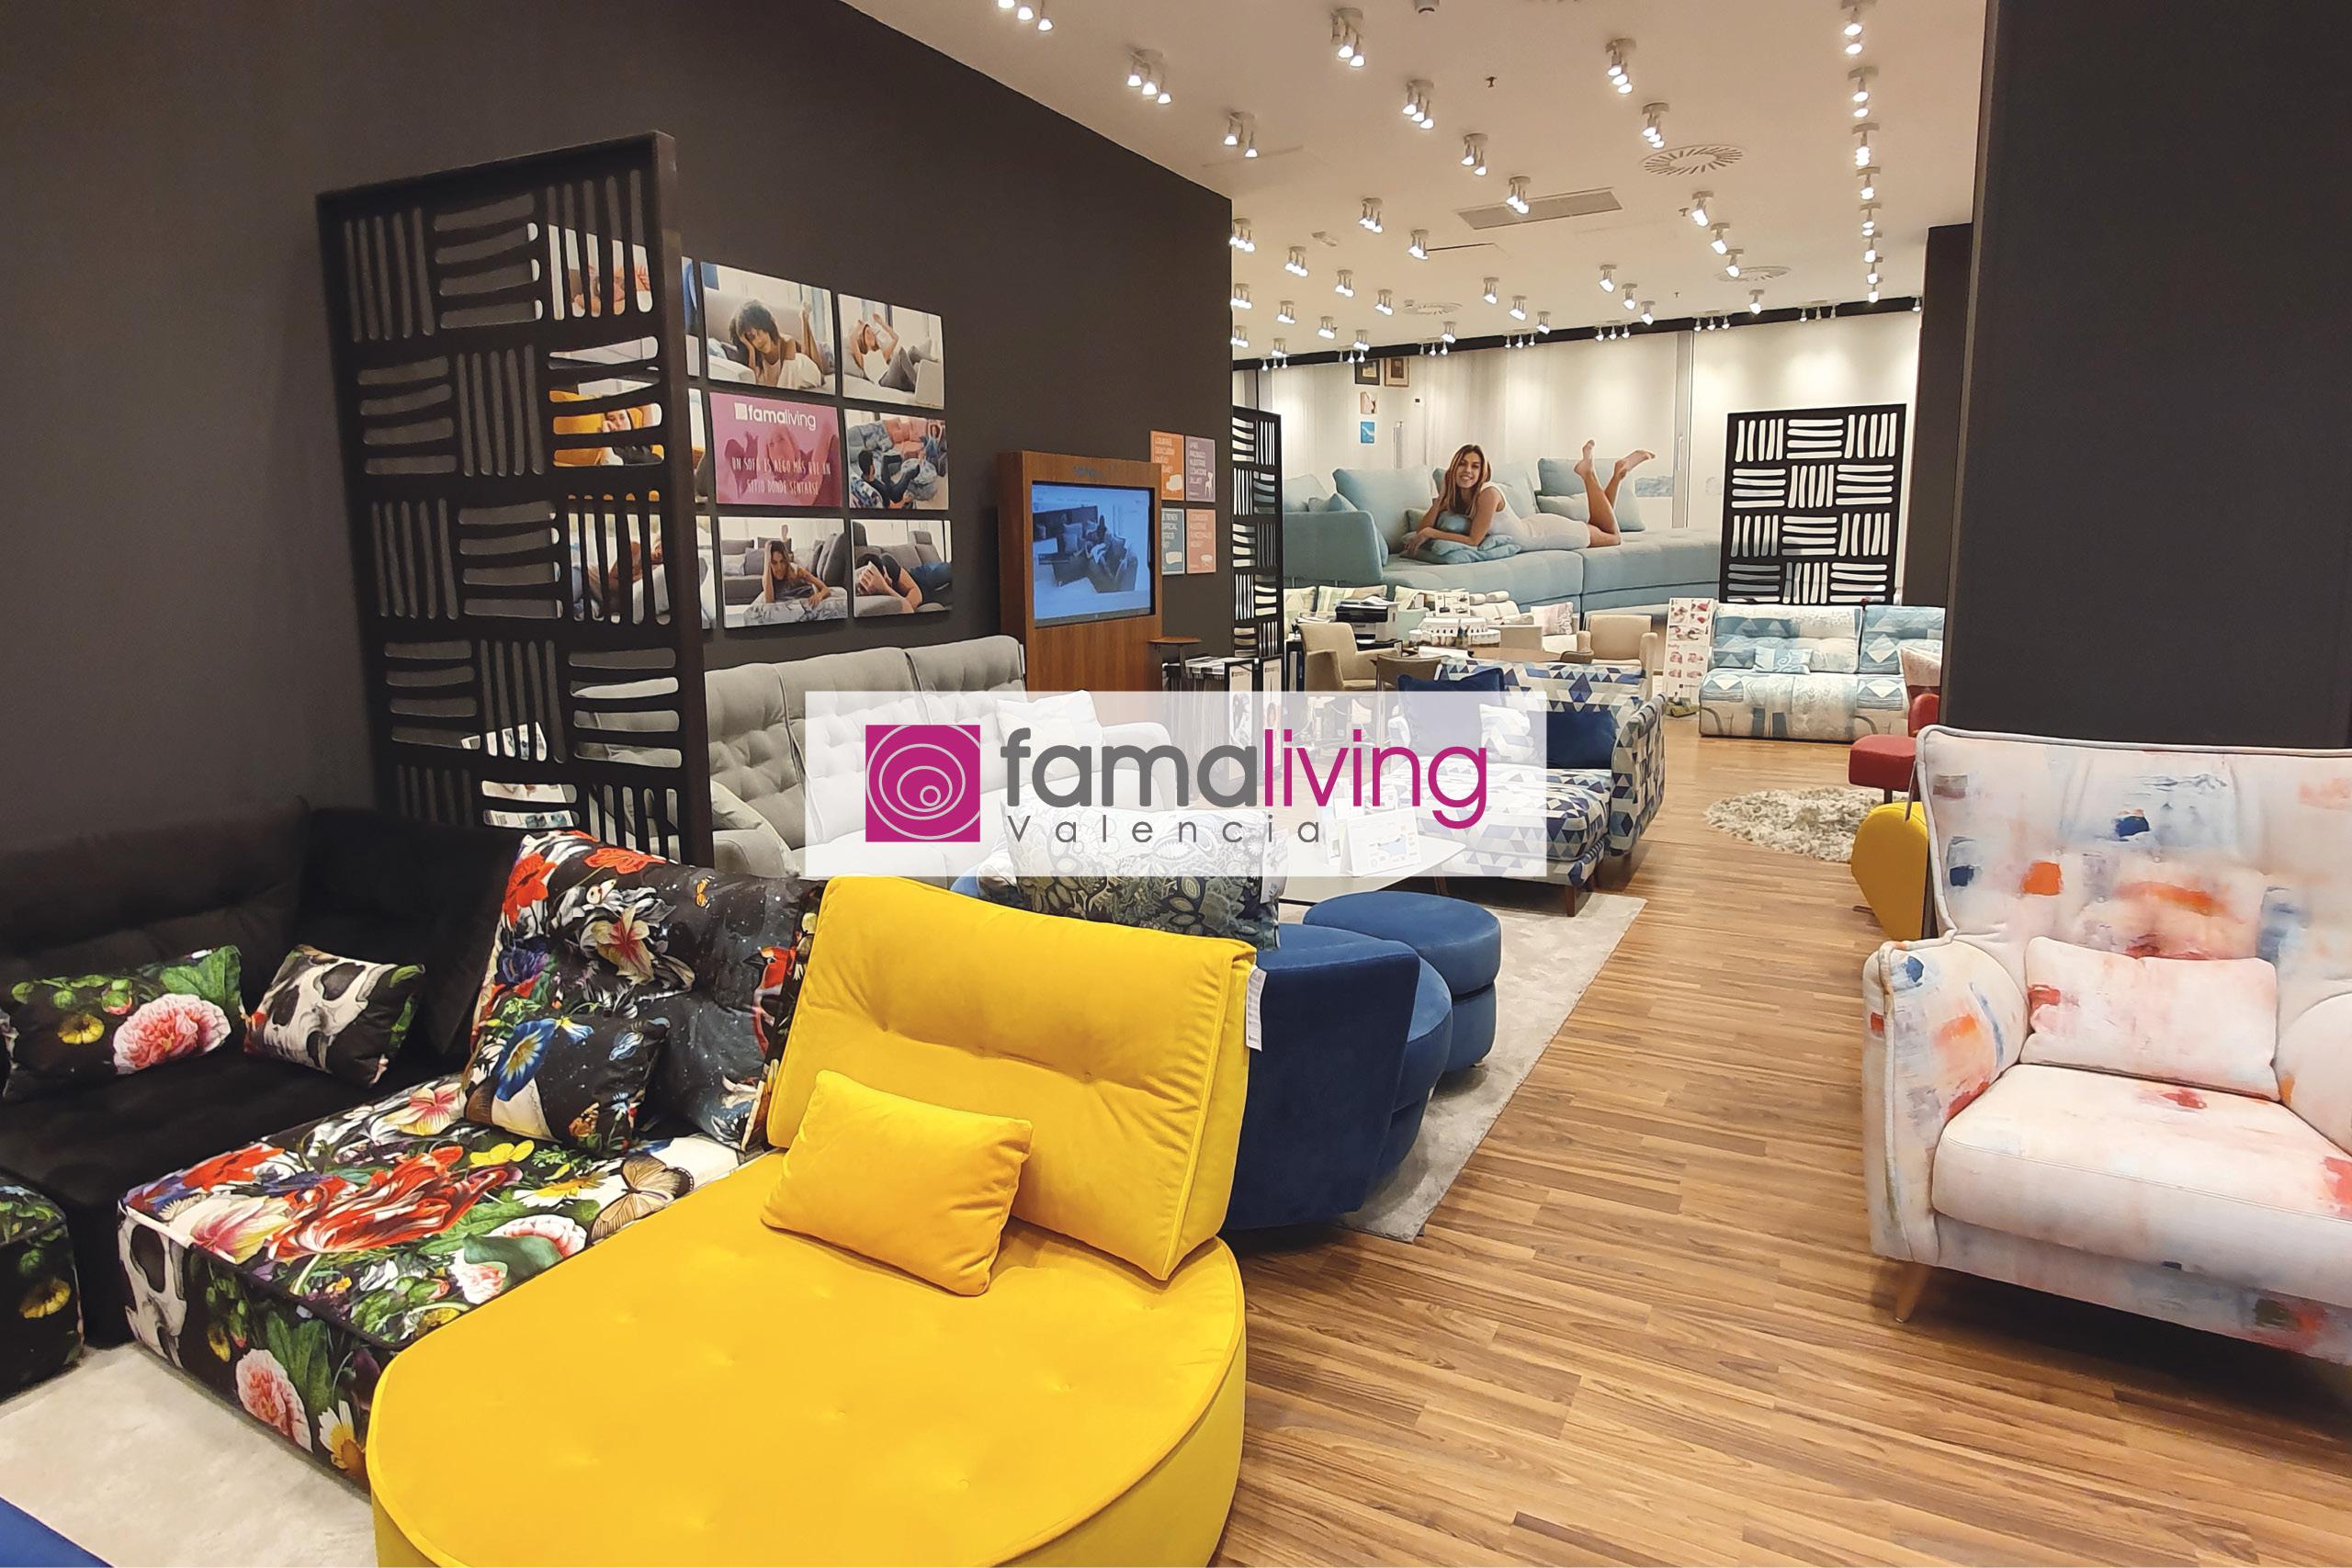 Famaliving Valencia - Tienda de sofás